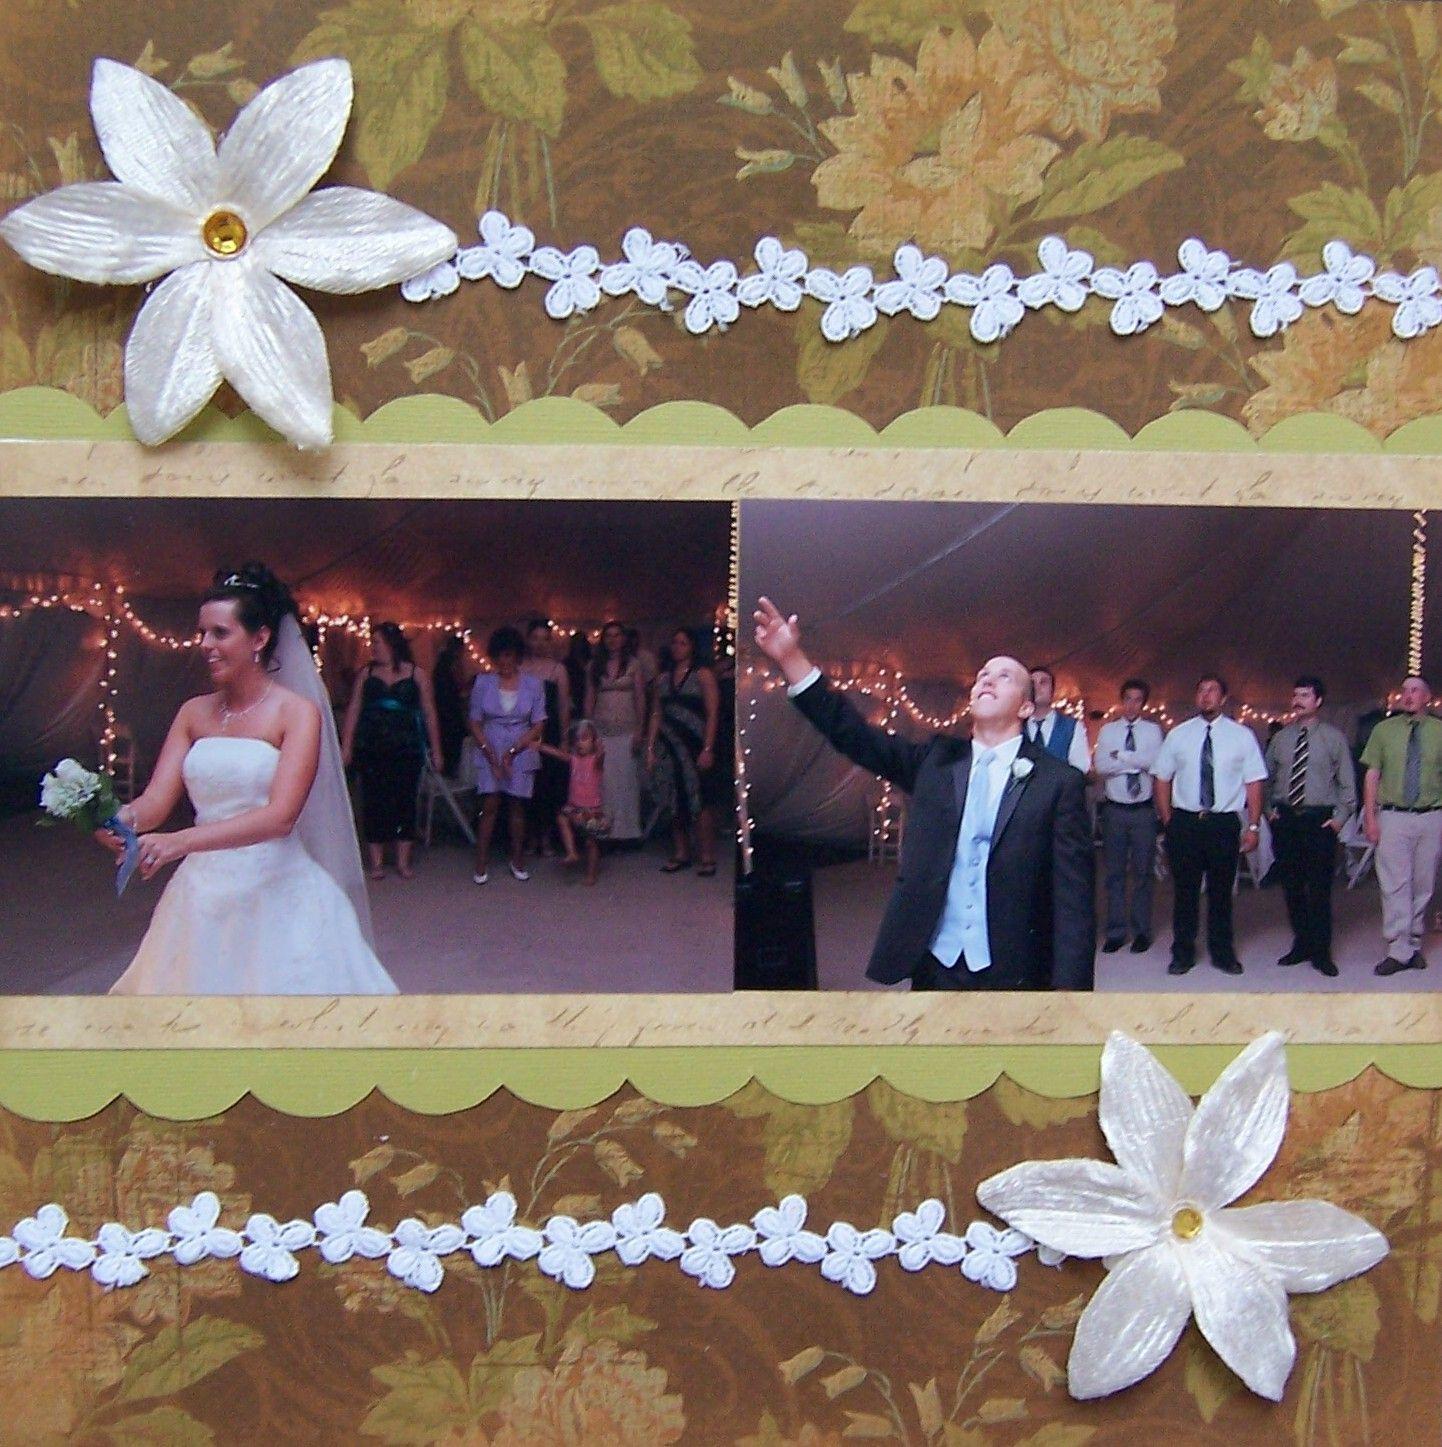 Bouquet/Garter+Toss+(left+side) - Scrapbook.com